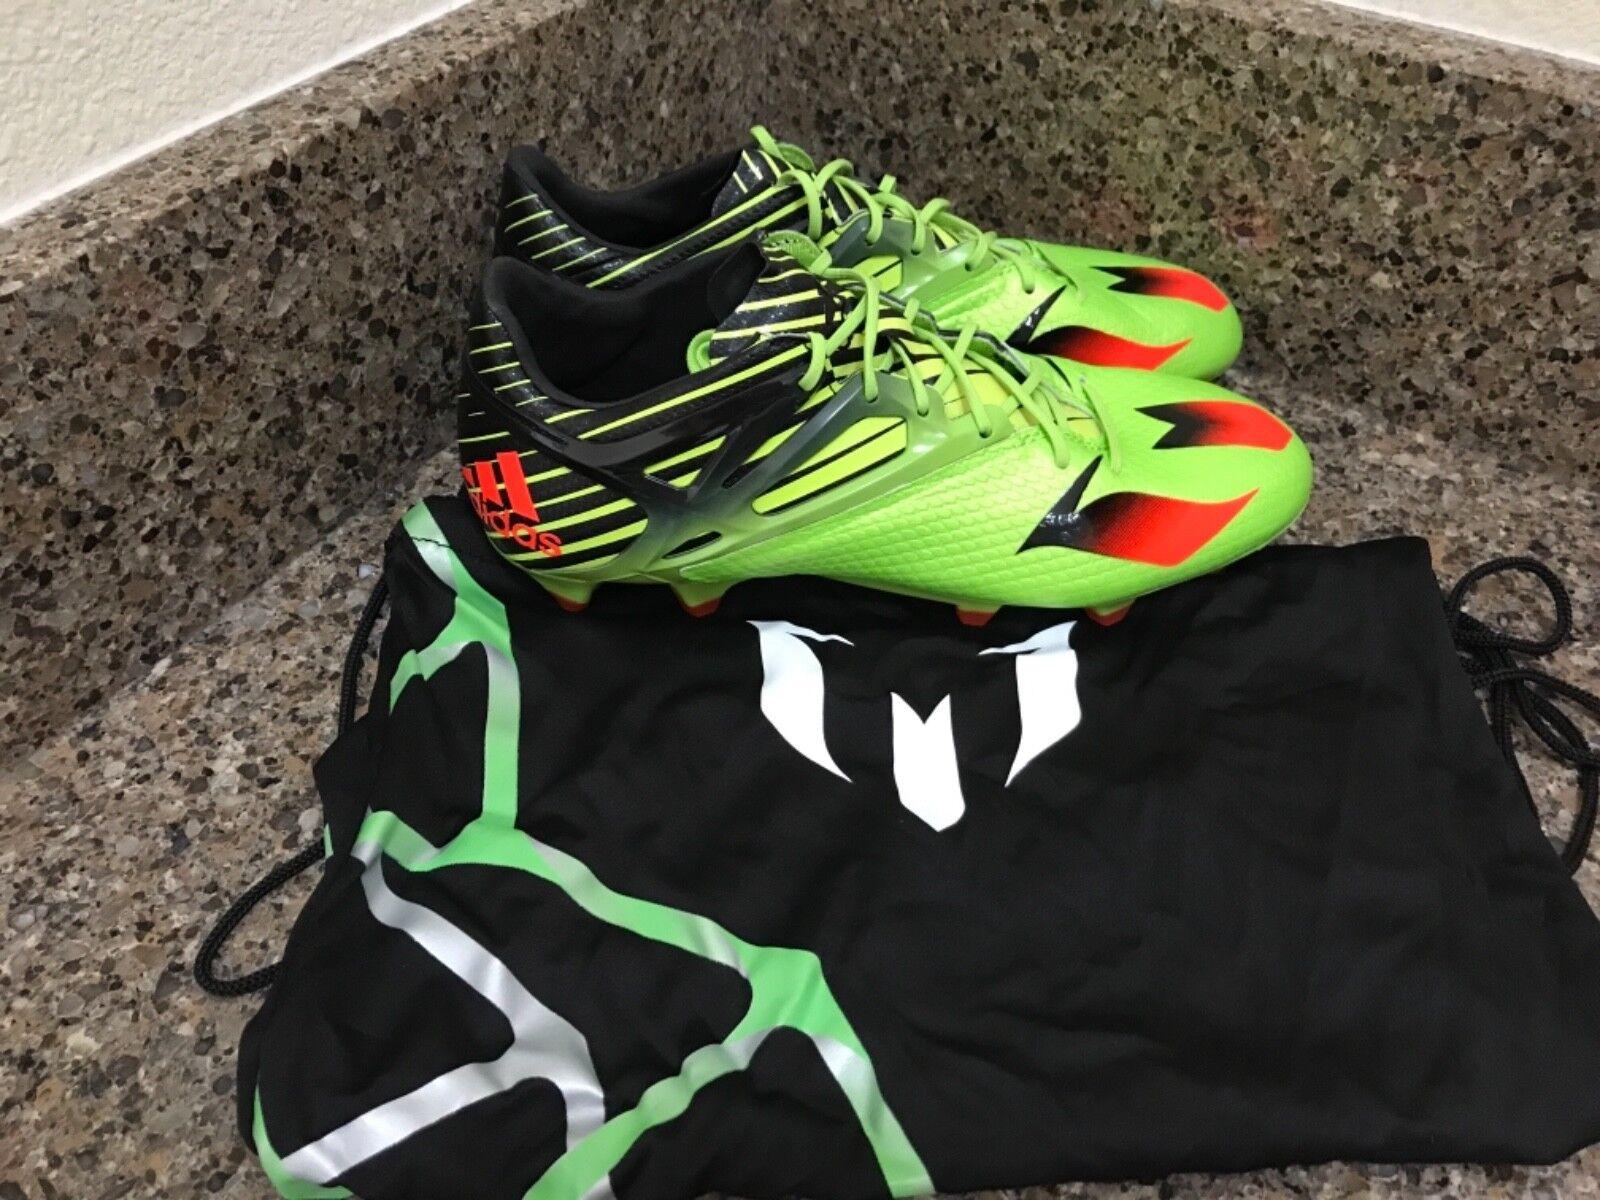 Adidas messi 15,1 fg / ag gli scarpini sz da calcio s74679 uomini sz scarpini 7-7.5, 9, 5, 7, 11 e7fb75